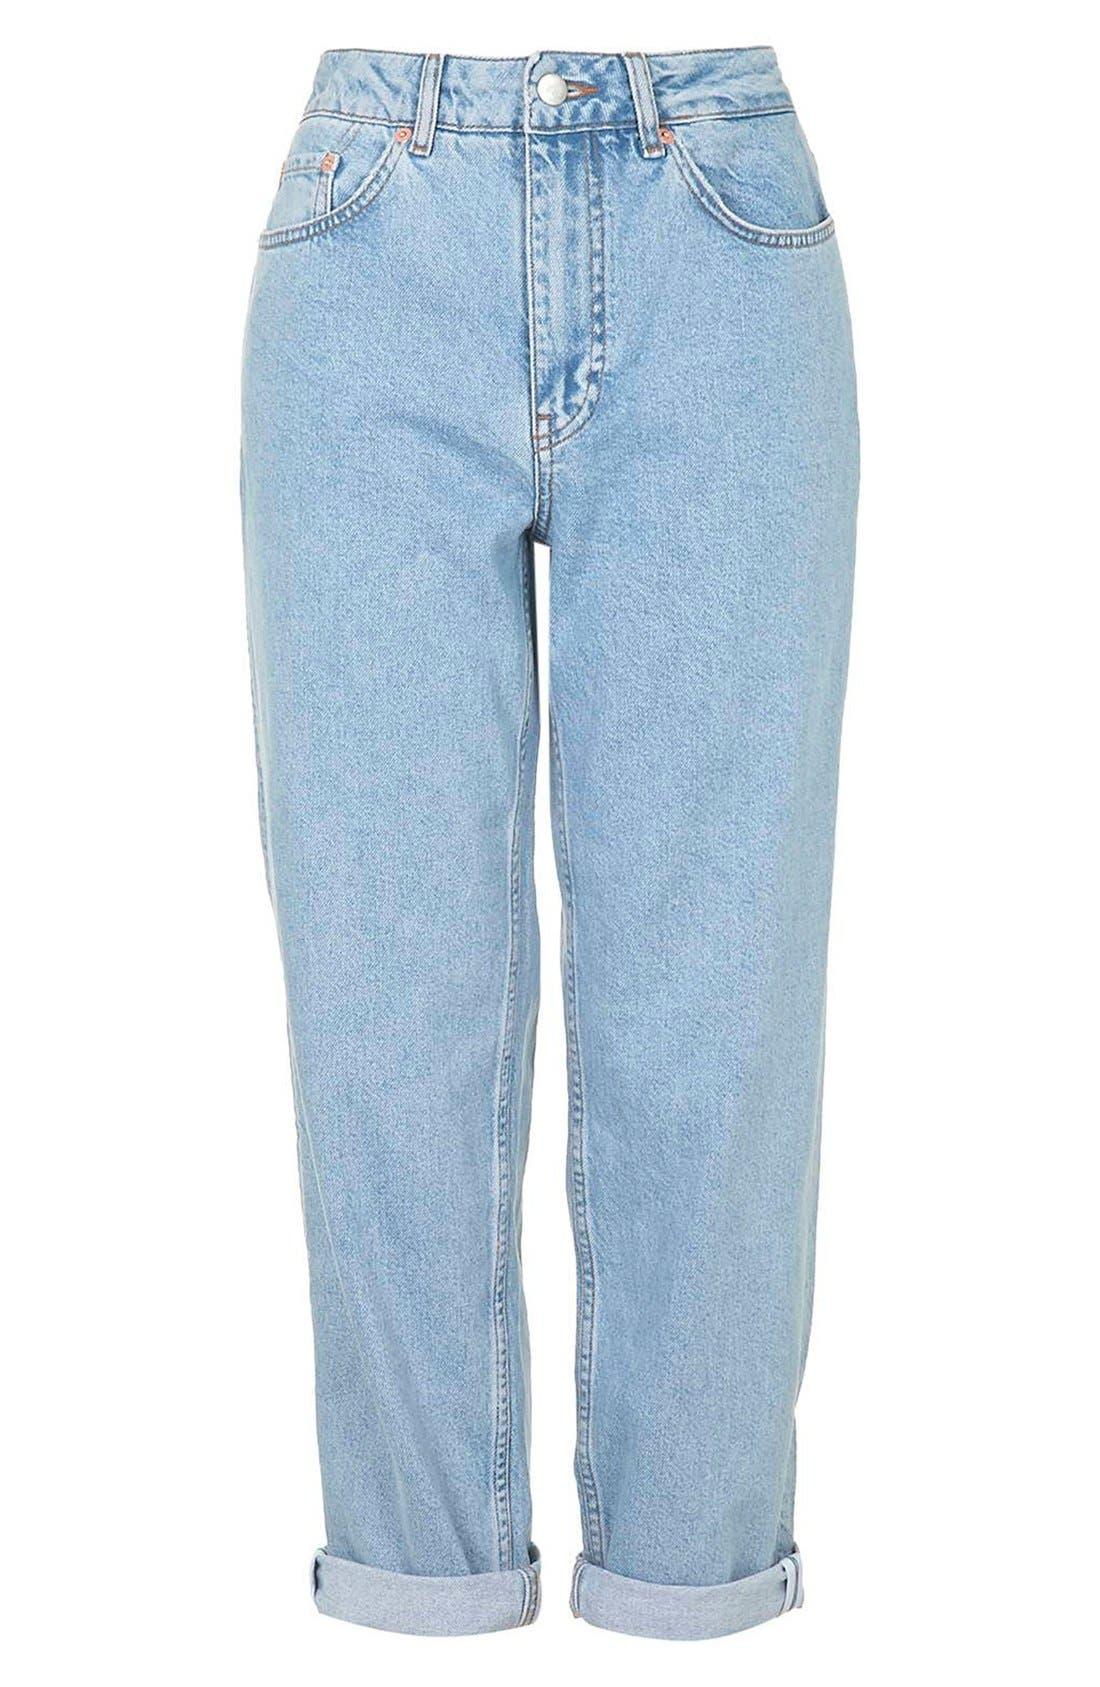 Alternate Image 3  - Topshop Boutique Vintage Boyfriend Jeans (Blue)